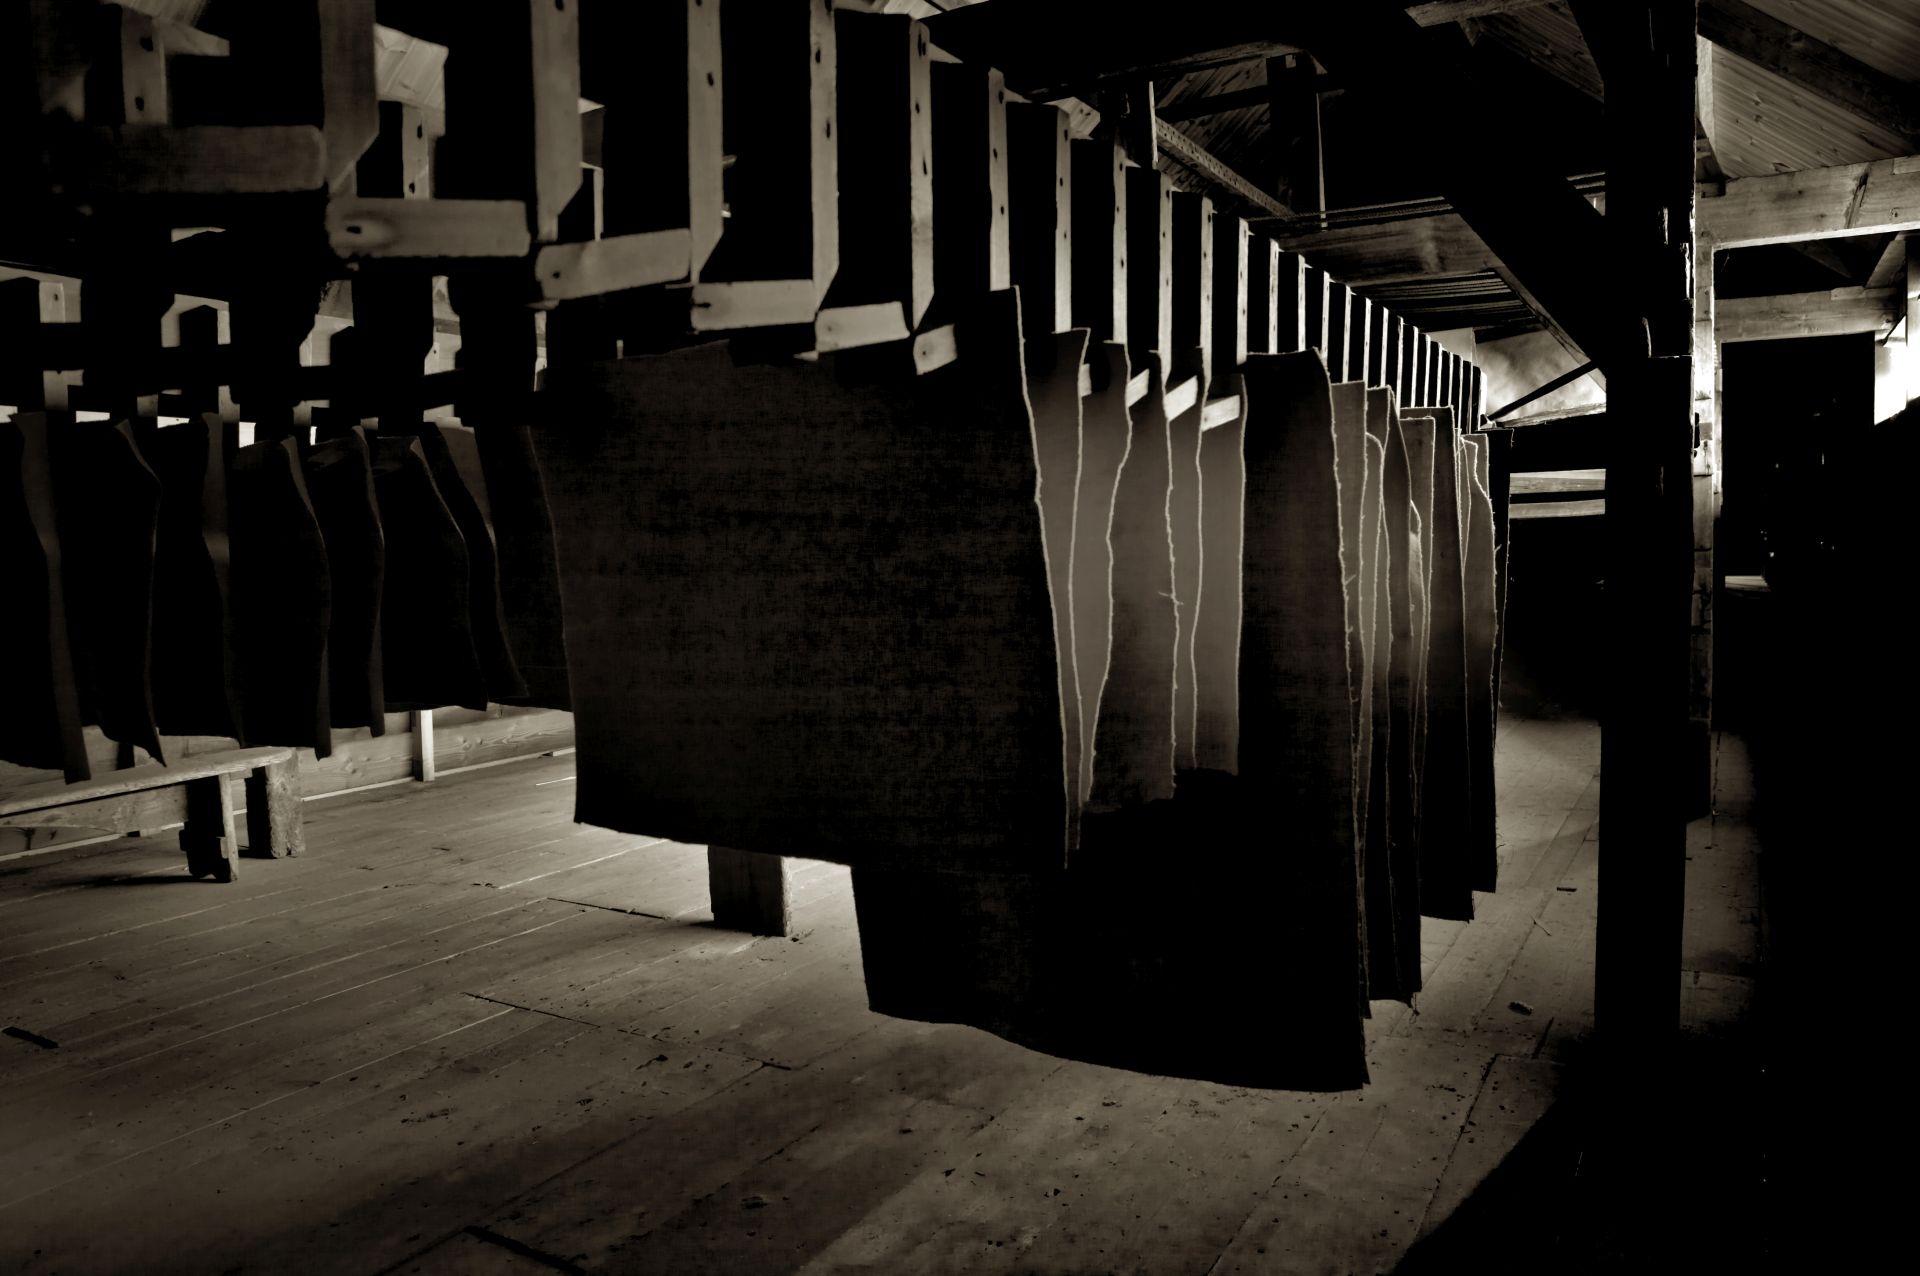 L De Stad Interieurs papiermolen (15)